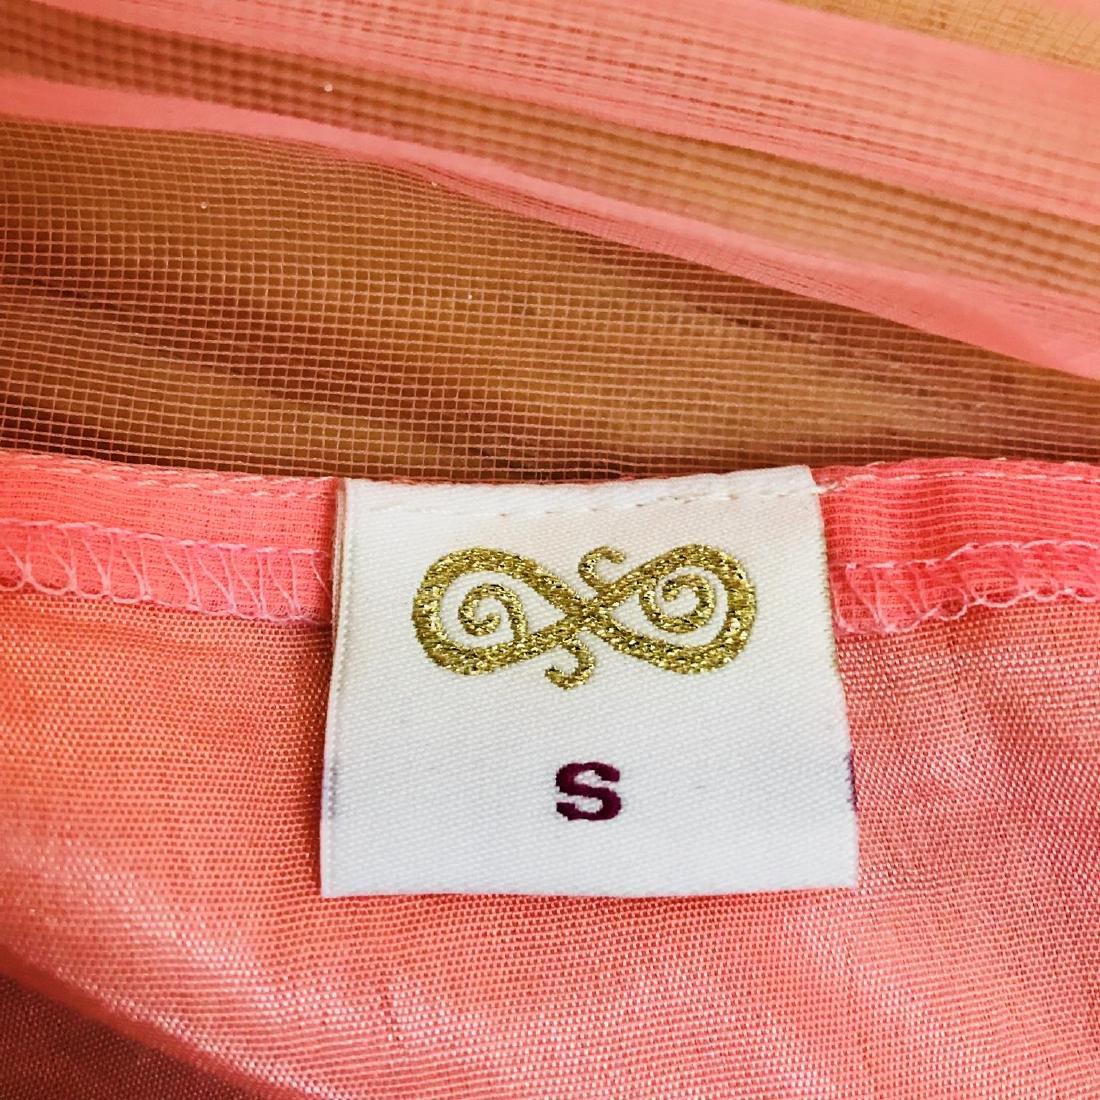 Vintage Women's Pink Party Dress Size US 6 EUR 36 / - 6